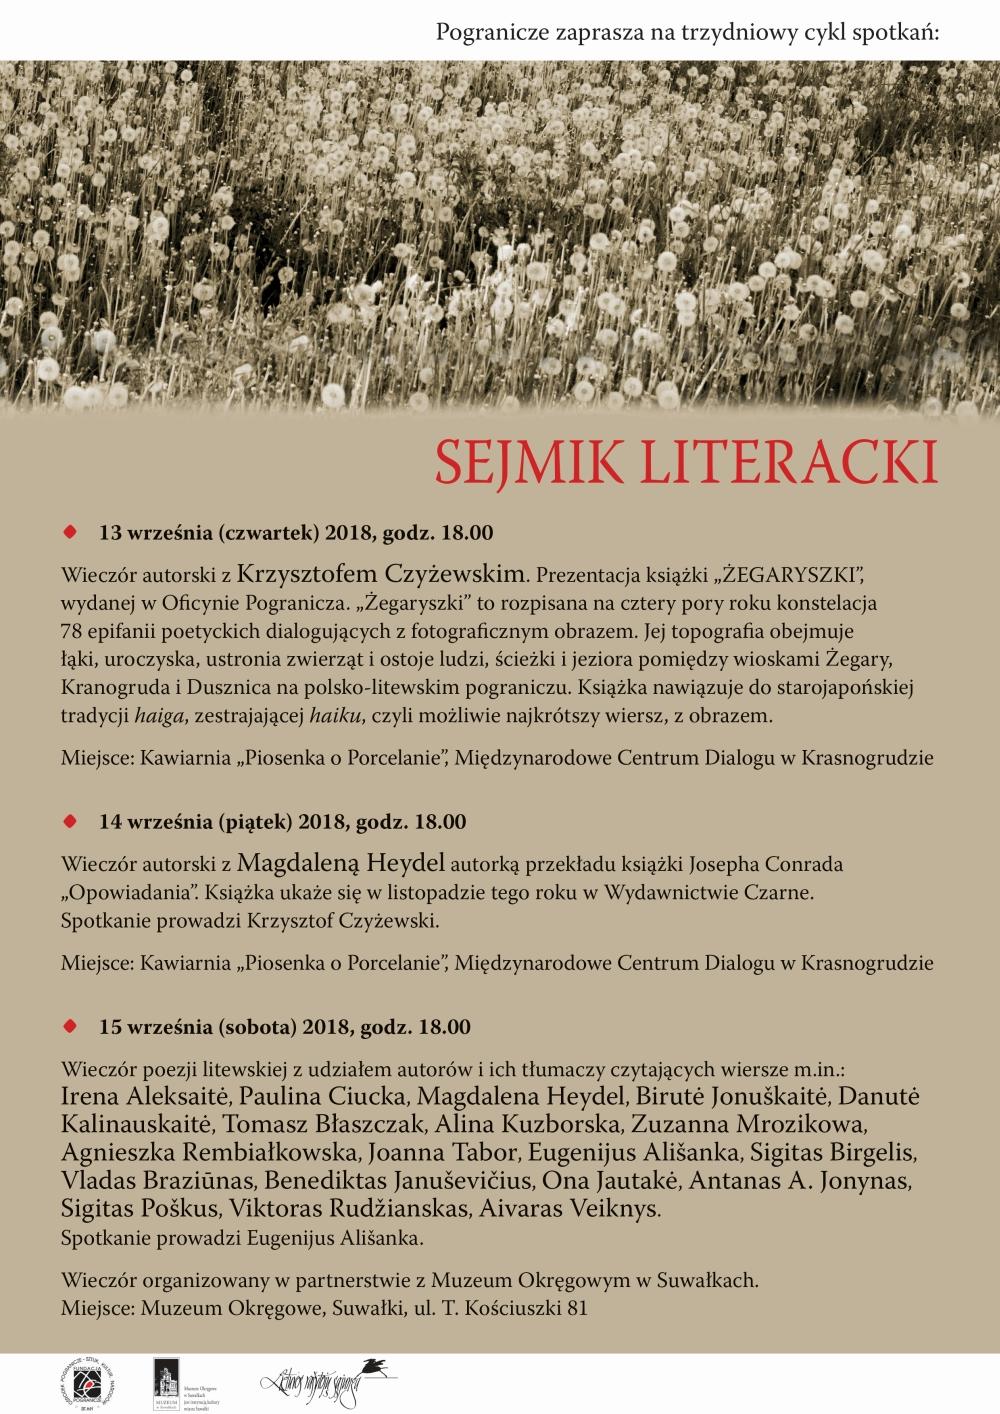 Sejmik Literacki W Krasnogrudzie Suwalki24pl Suwalski